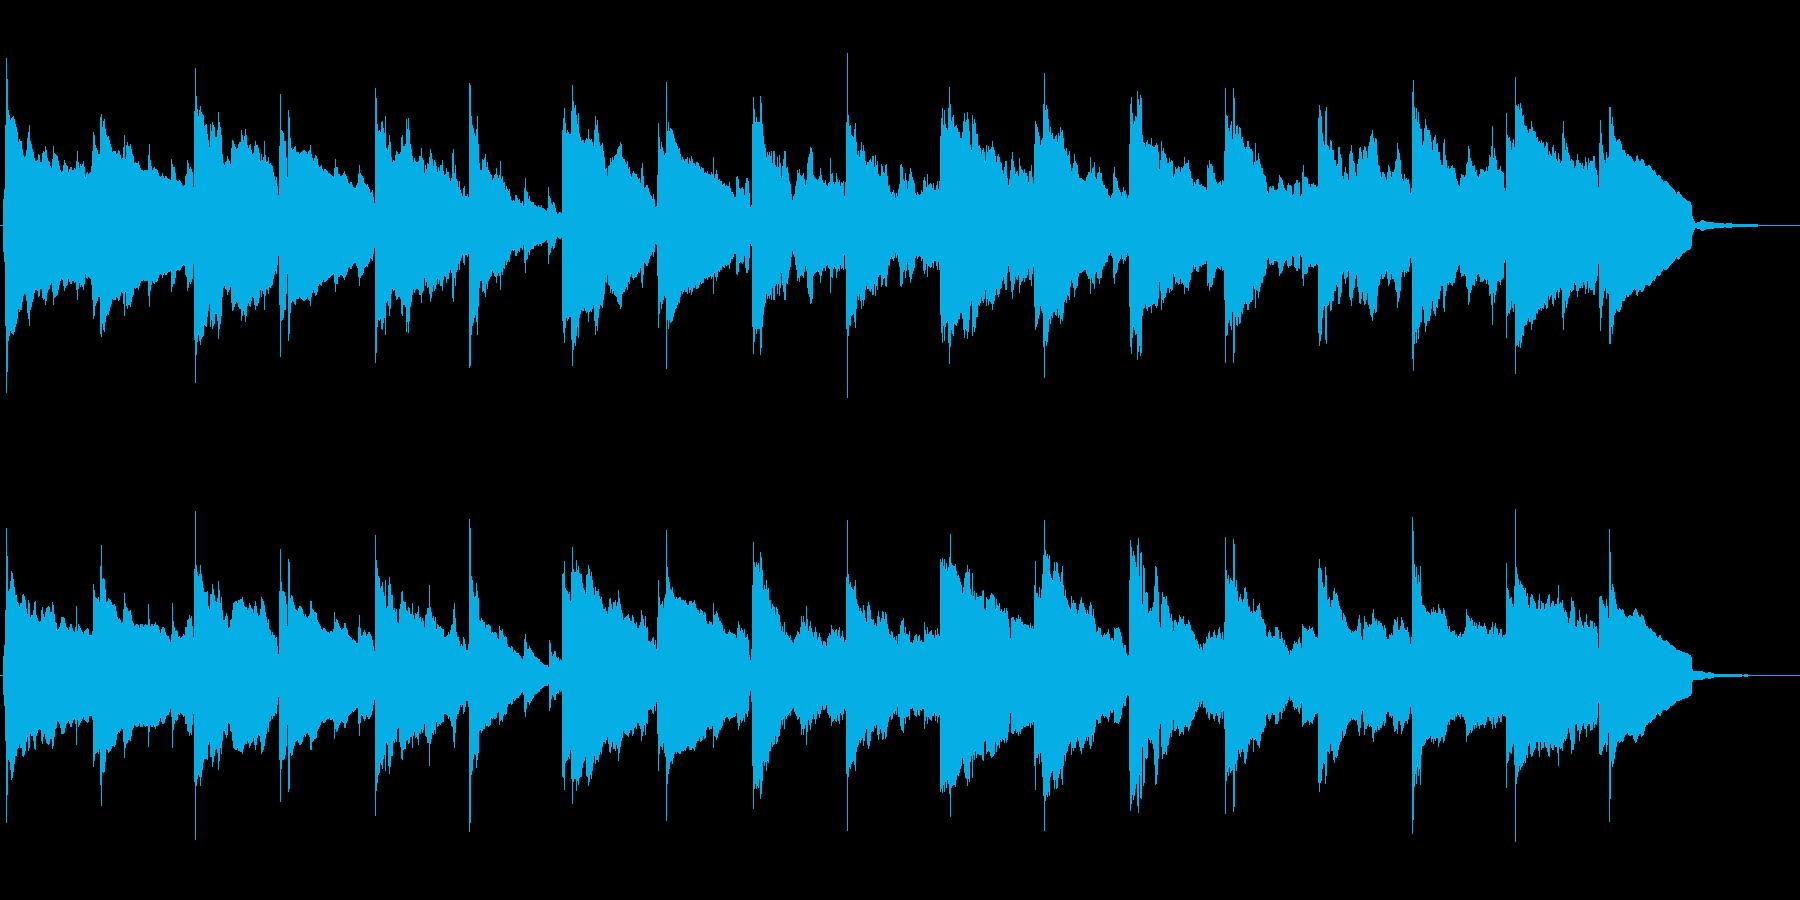 ノスタルジー 口笛 ギター BGMの再生済みの波形